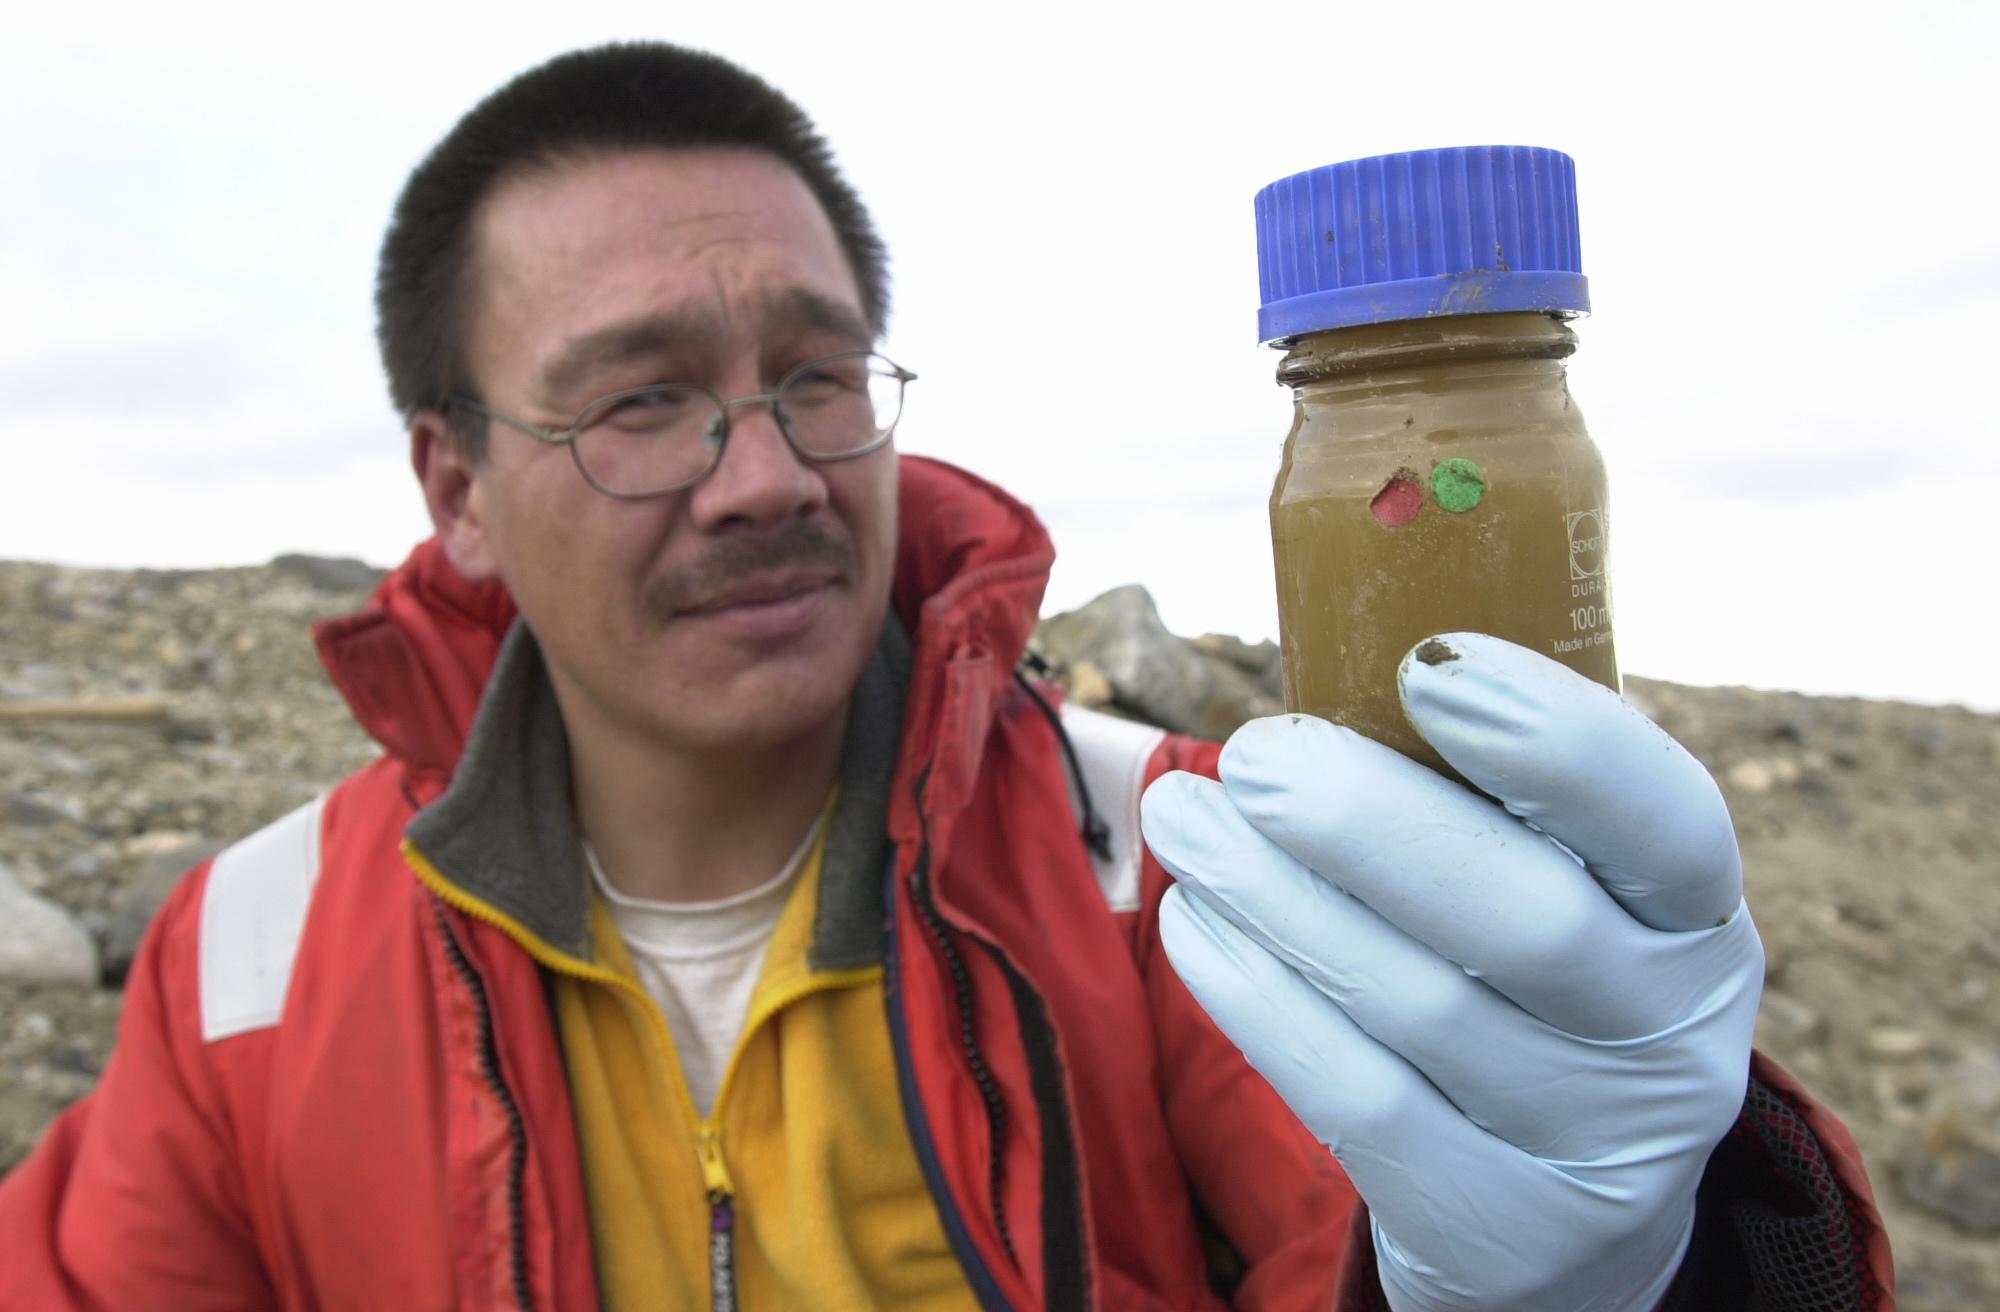 2003: Greenpeace afslører, at en amerikansk miljøundersøgelse af Pituffik/Thulebasen er yderst mangelfuld. Greenpeaces rapport identificerer blandt andet en markant sikkerhedsbrist i forhold til basens håndtering af et af verdens giftigste kemiske stoffer, PCB